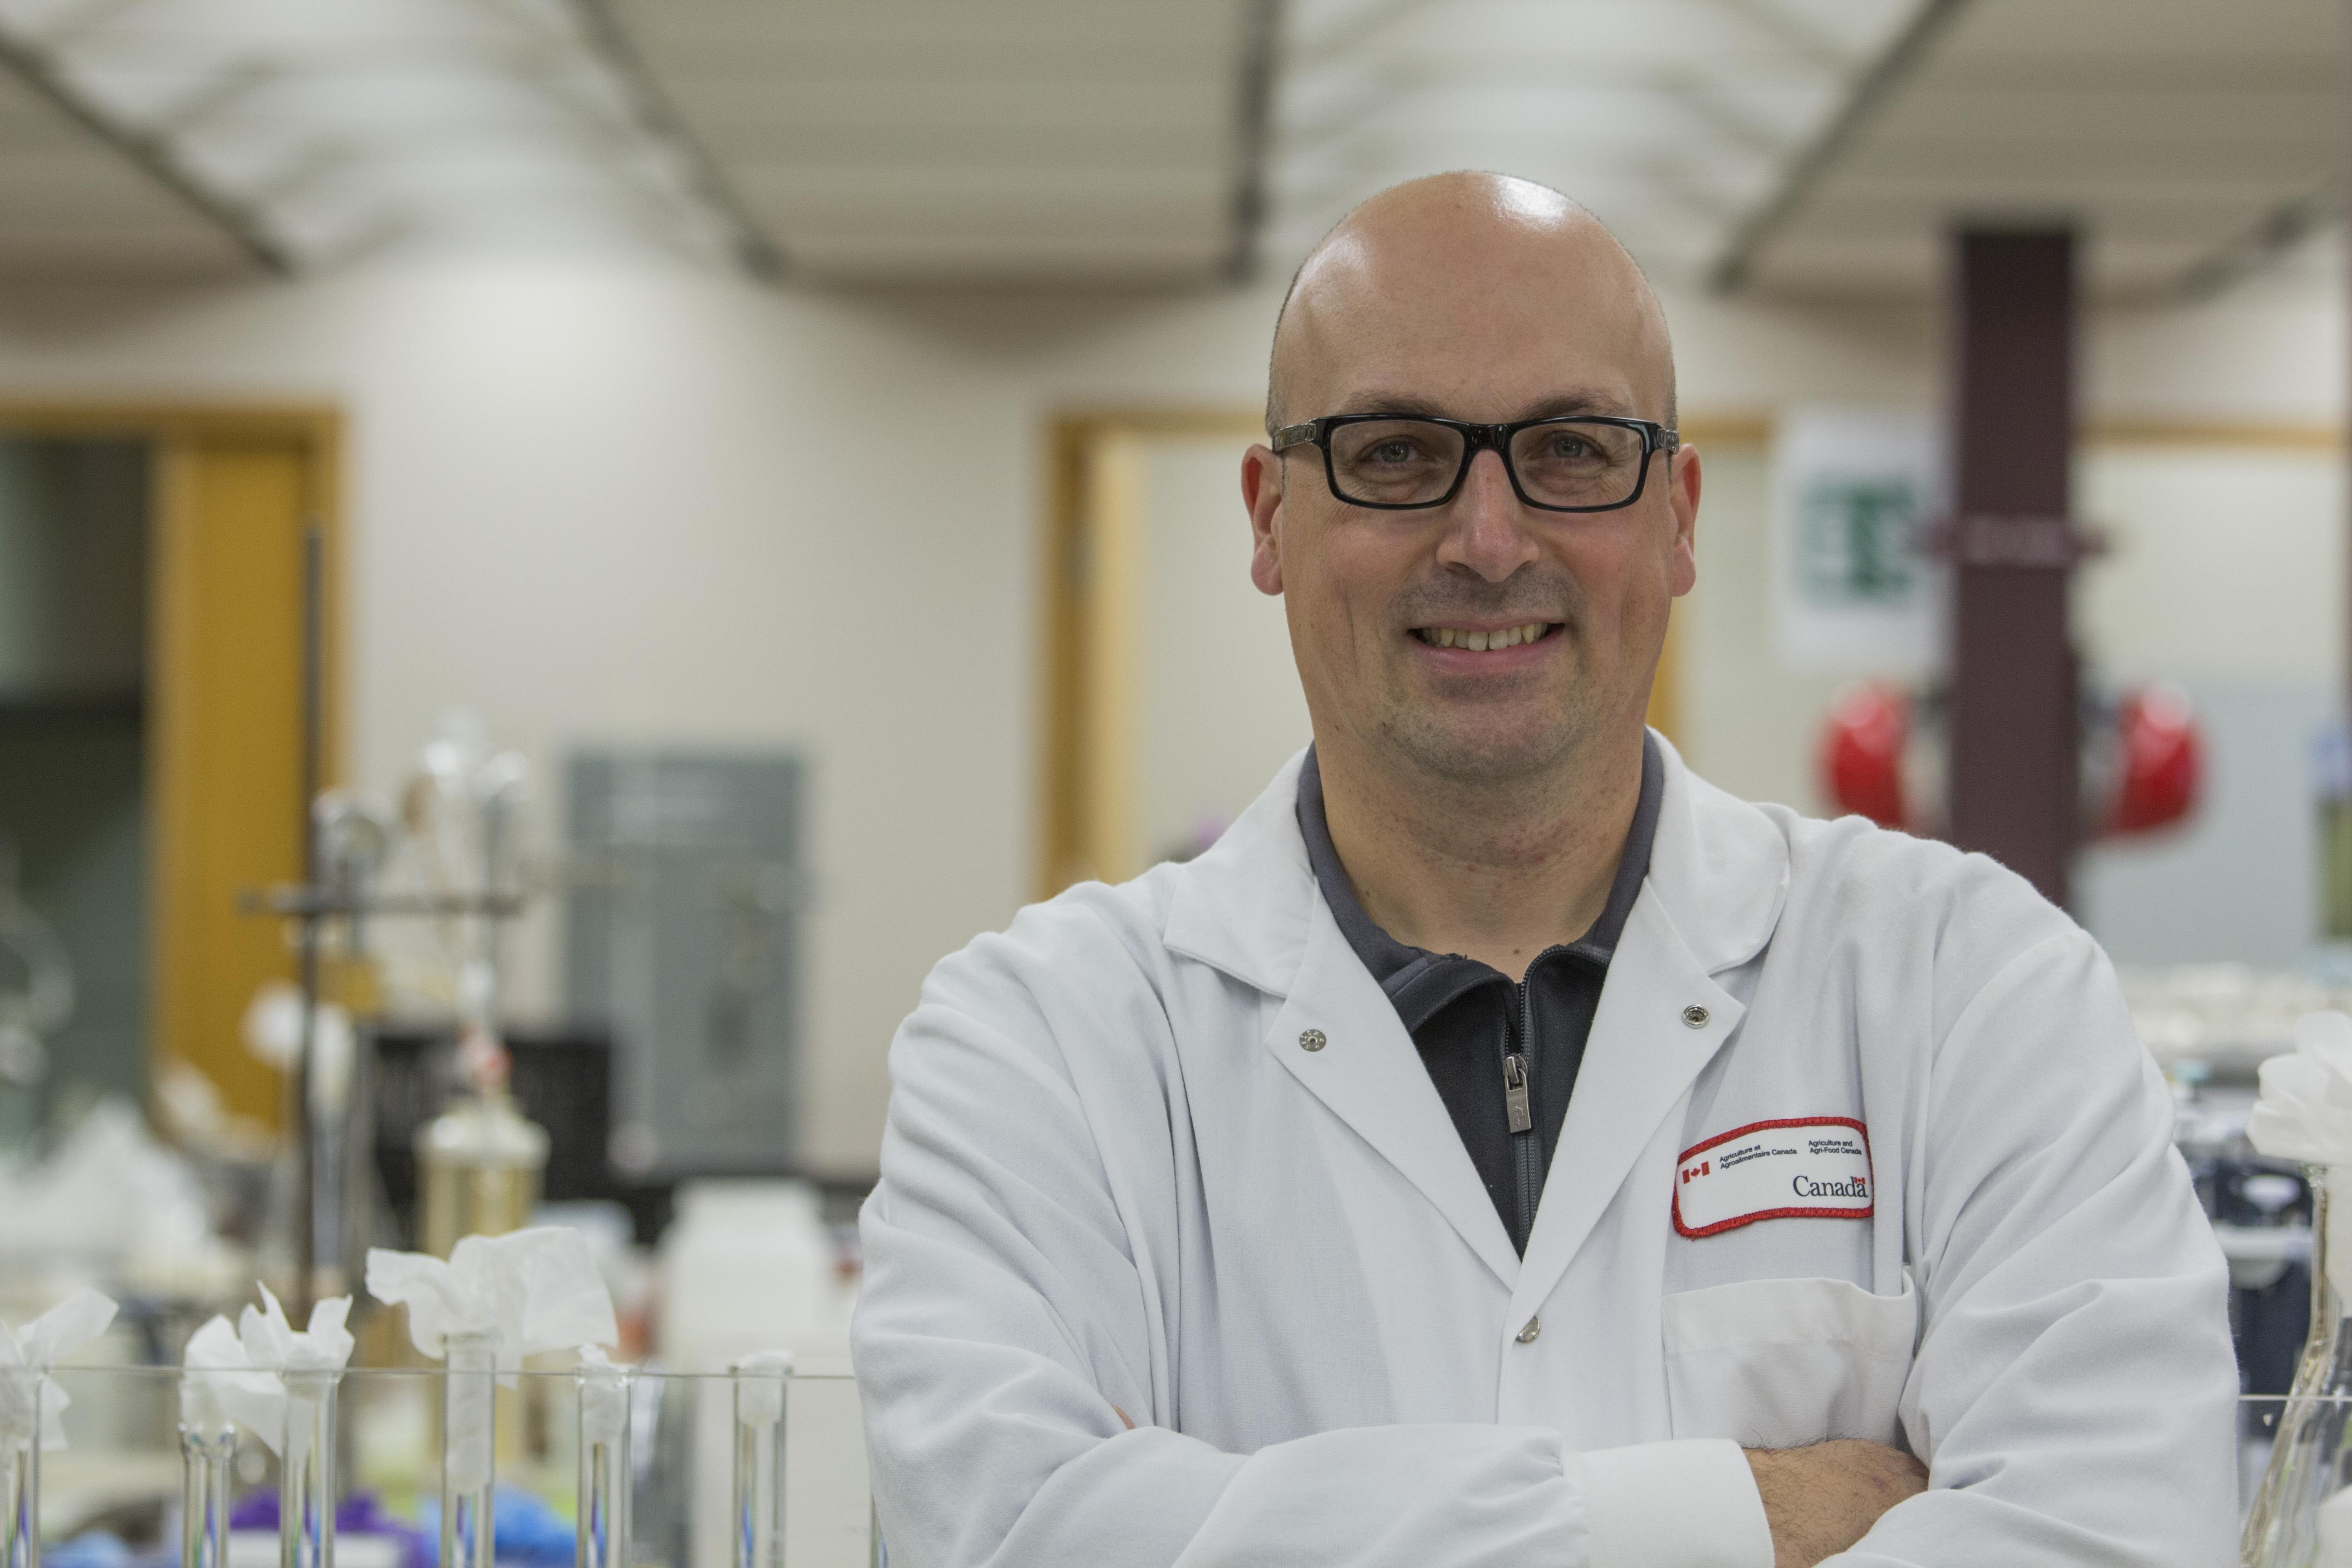 Le chercheur  et chef de projet Sébastien Villeneuve vêtu d'un sarrau blanc dans un laboratoire.